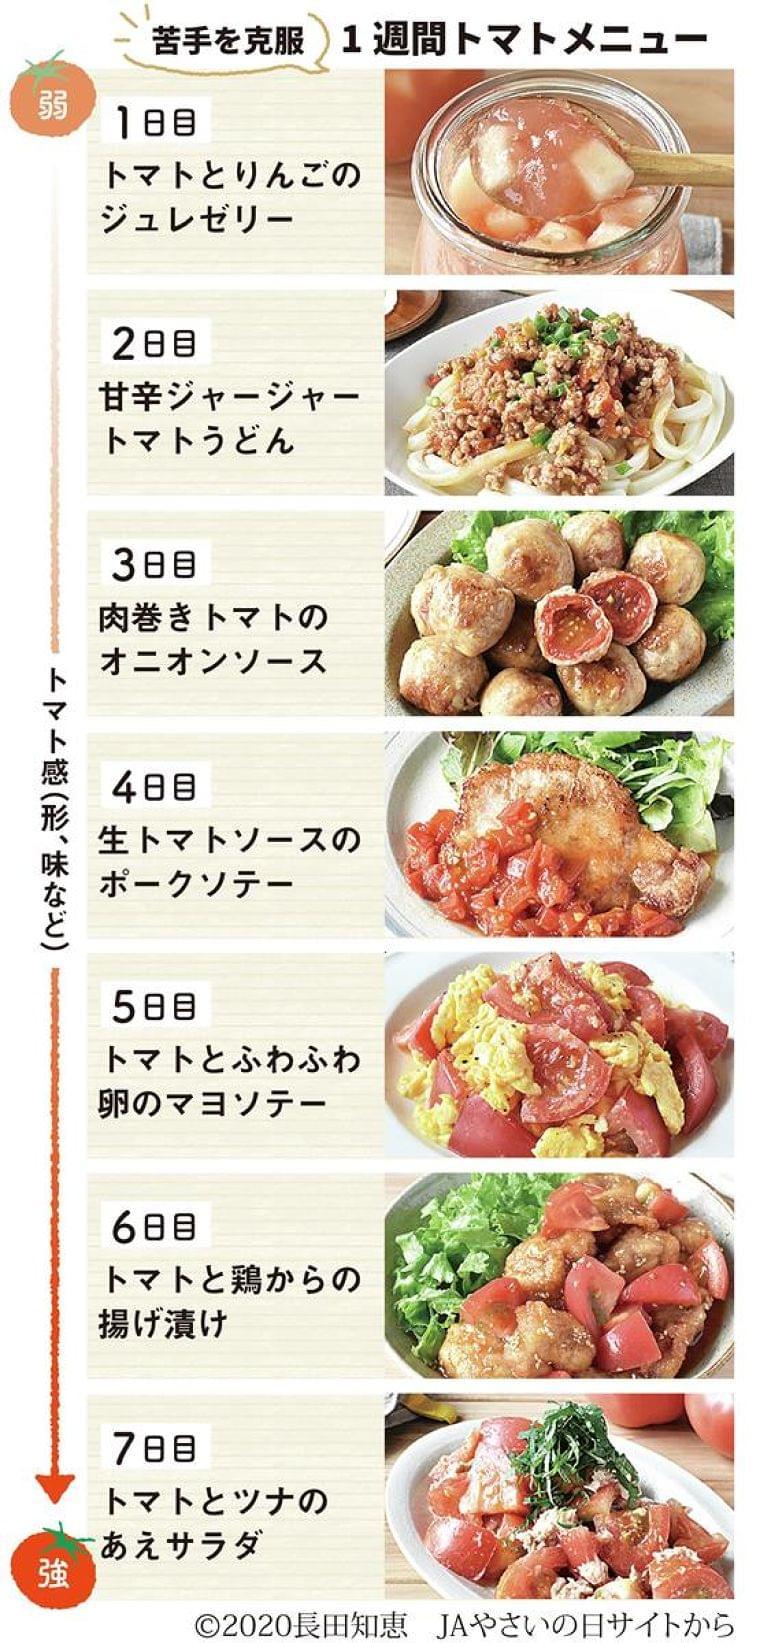 野菜嫌い1週間で克服! 夏休みに親子チャレンジ(1/2ページ) - 産経ニュース